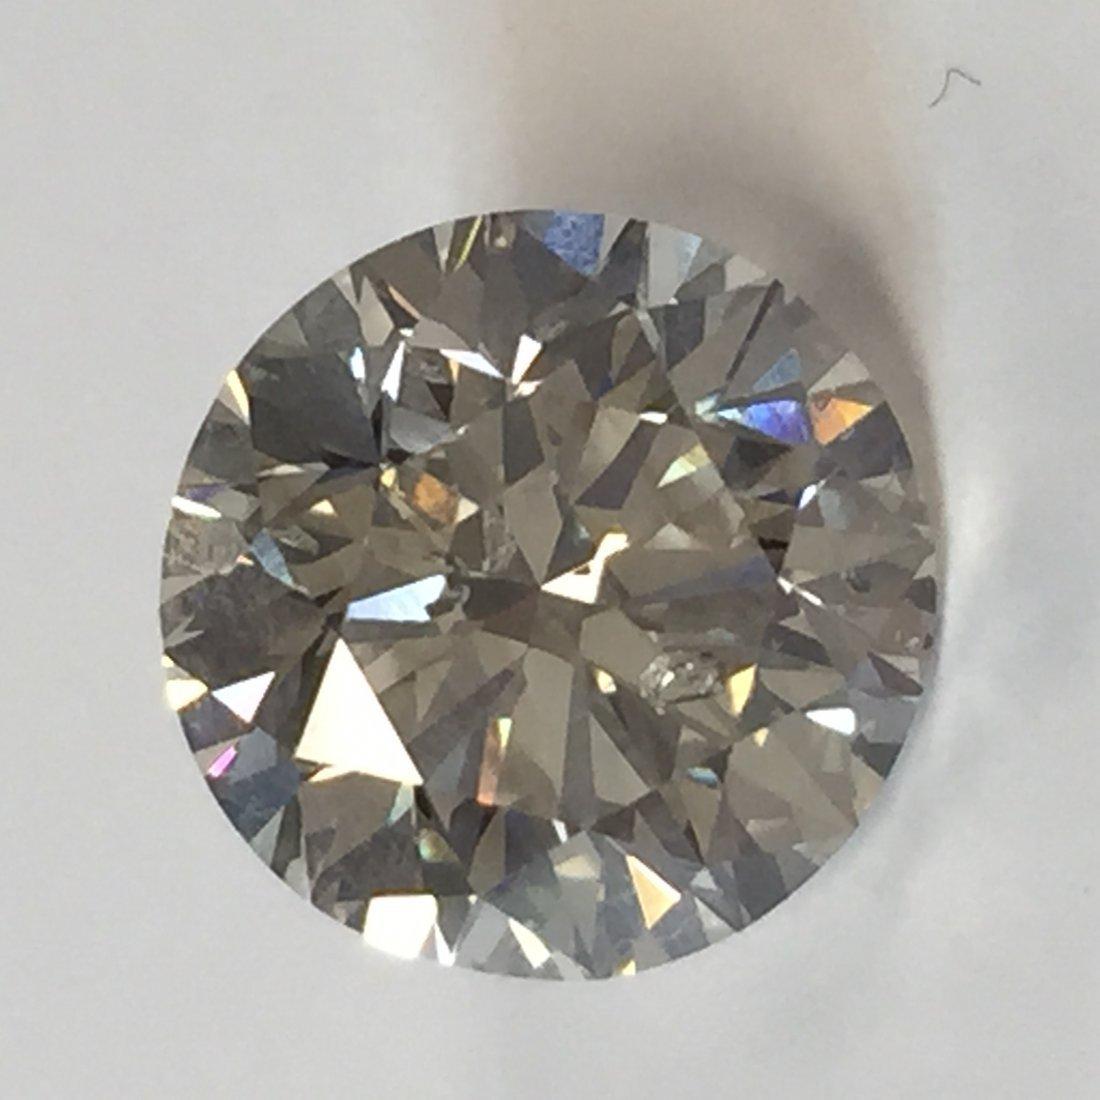 4.09 CT Round L I1 Loose Diamond! GIA